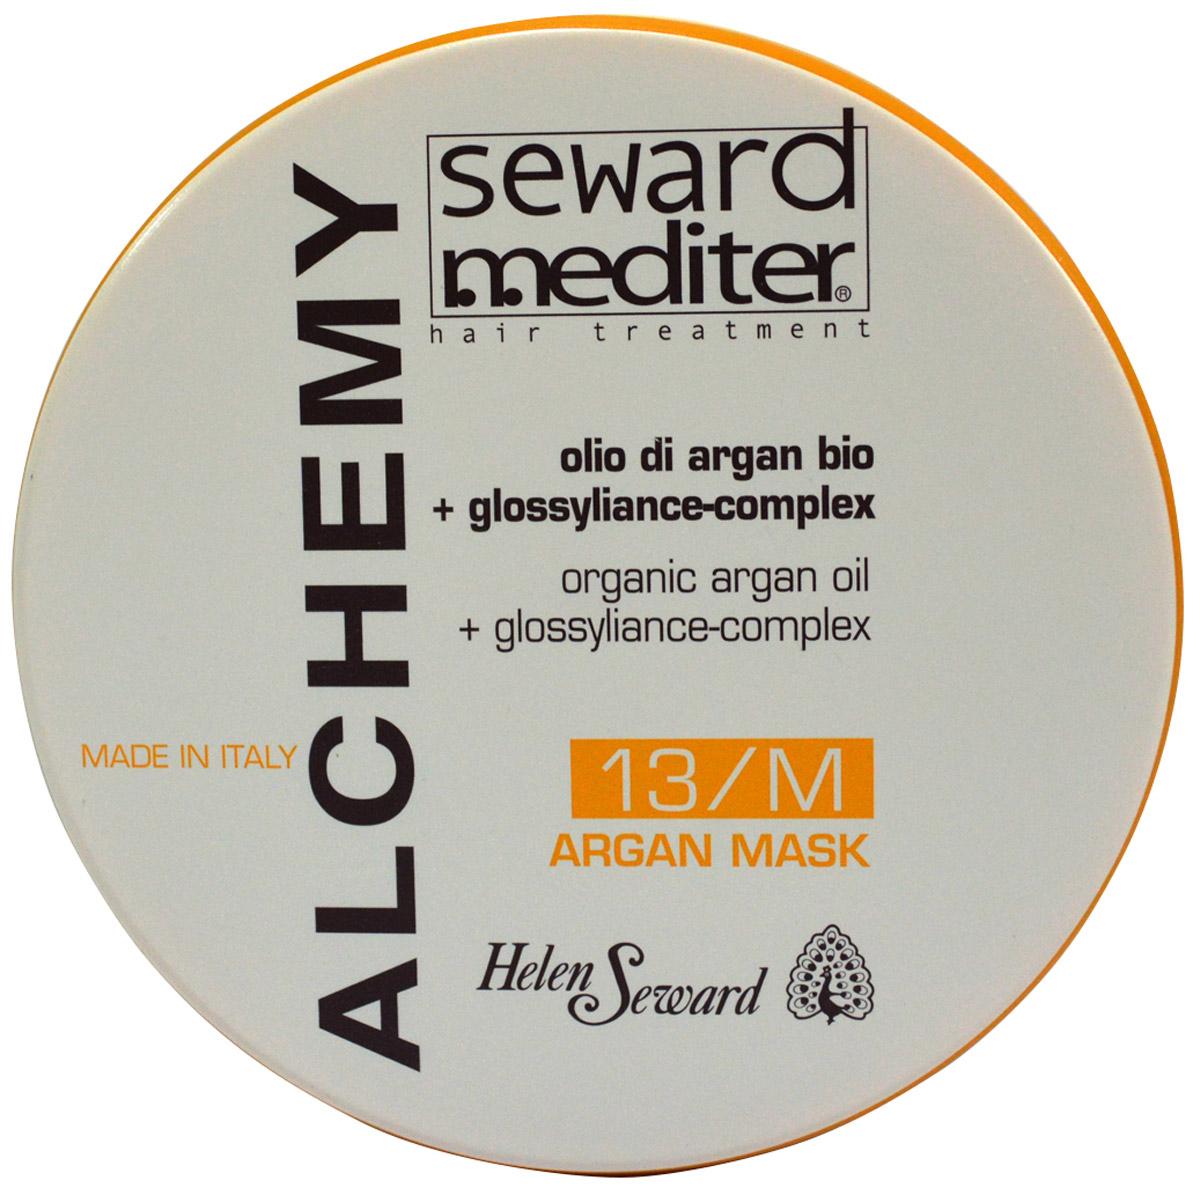 Helen Seward Alchemy Argan Mask 13/M Маска для всех типов волос с аргановым маслом, 250 мл1306Глубоко питает и увлажняет волосы, оказывая укрепляющее действие, делает волосы идеально гладкими. Обладает реструктурирующим действием, улучшая состояние волос за счет уплотнения и восстановления его структур. Придает интенсивный блеск и мягкость волосам, делая их легкорасчесываемыми. Снимает статическое электричество. Не утяжеляет волосы.